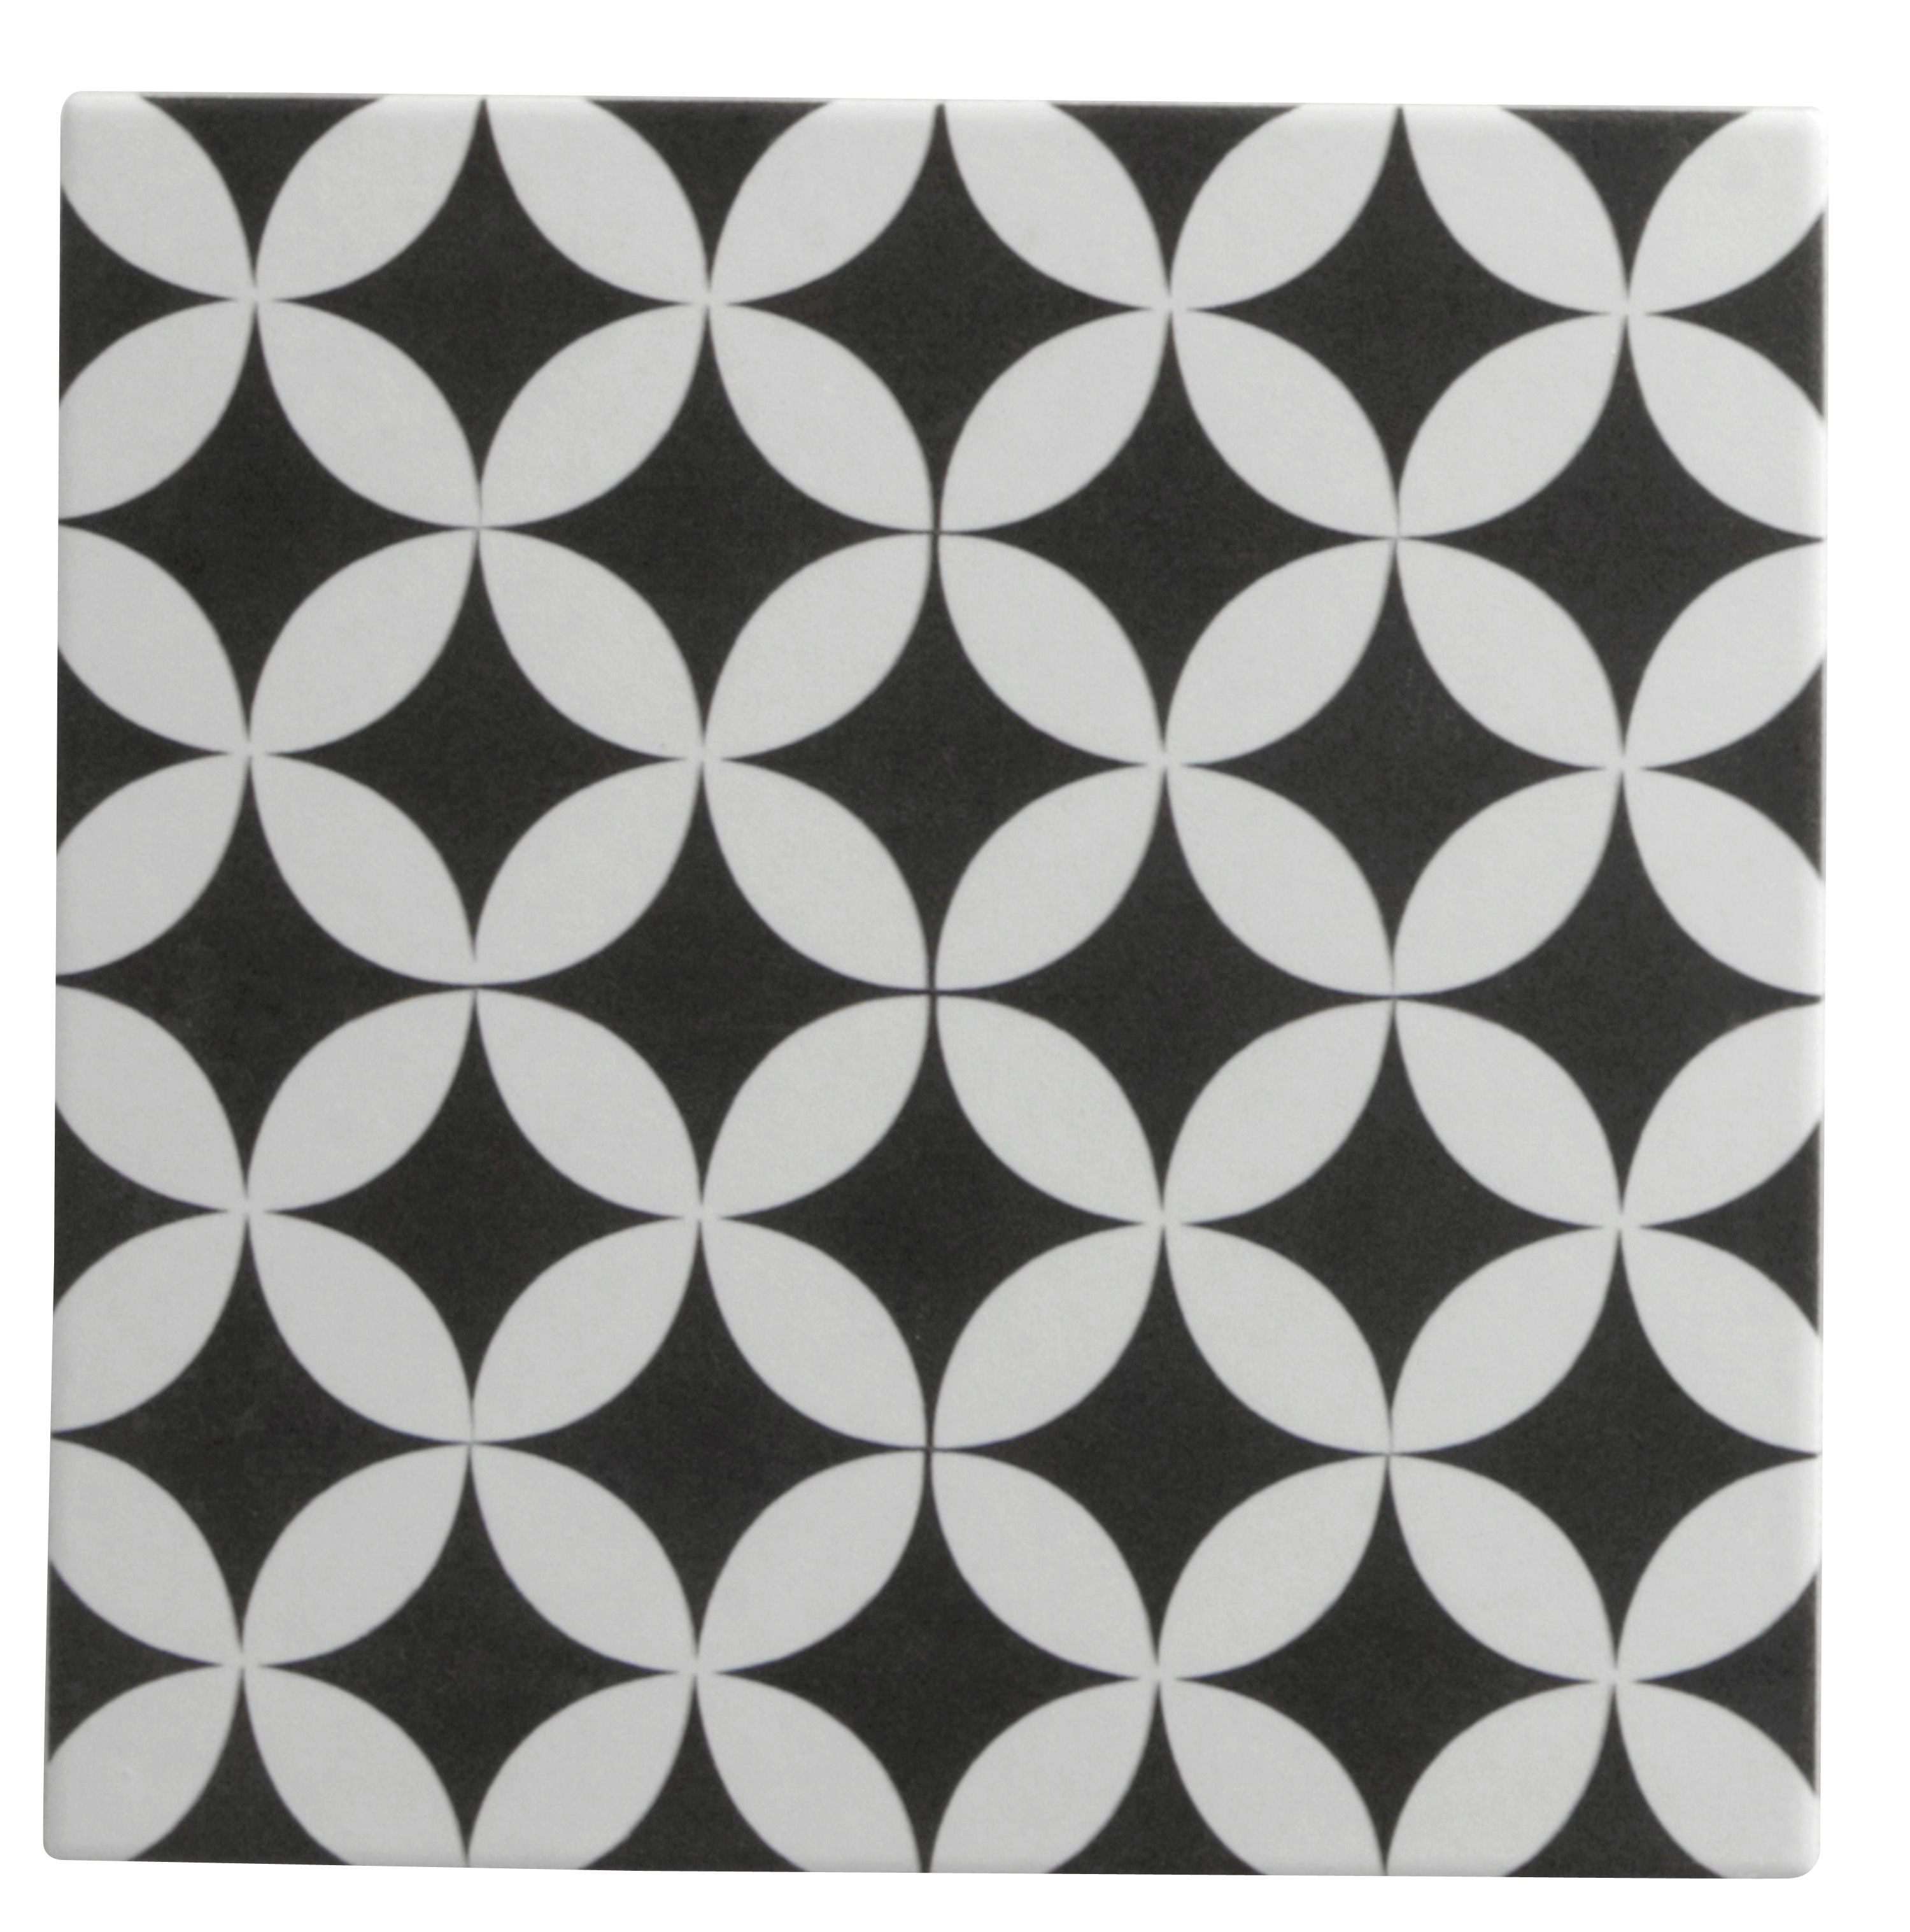 carreaux ciment noir et blanc vous cherchez des ides pour. Black Bedroom Furniture Sets. Home Design Ideas